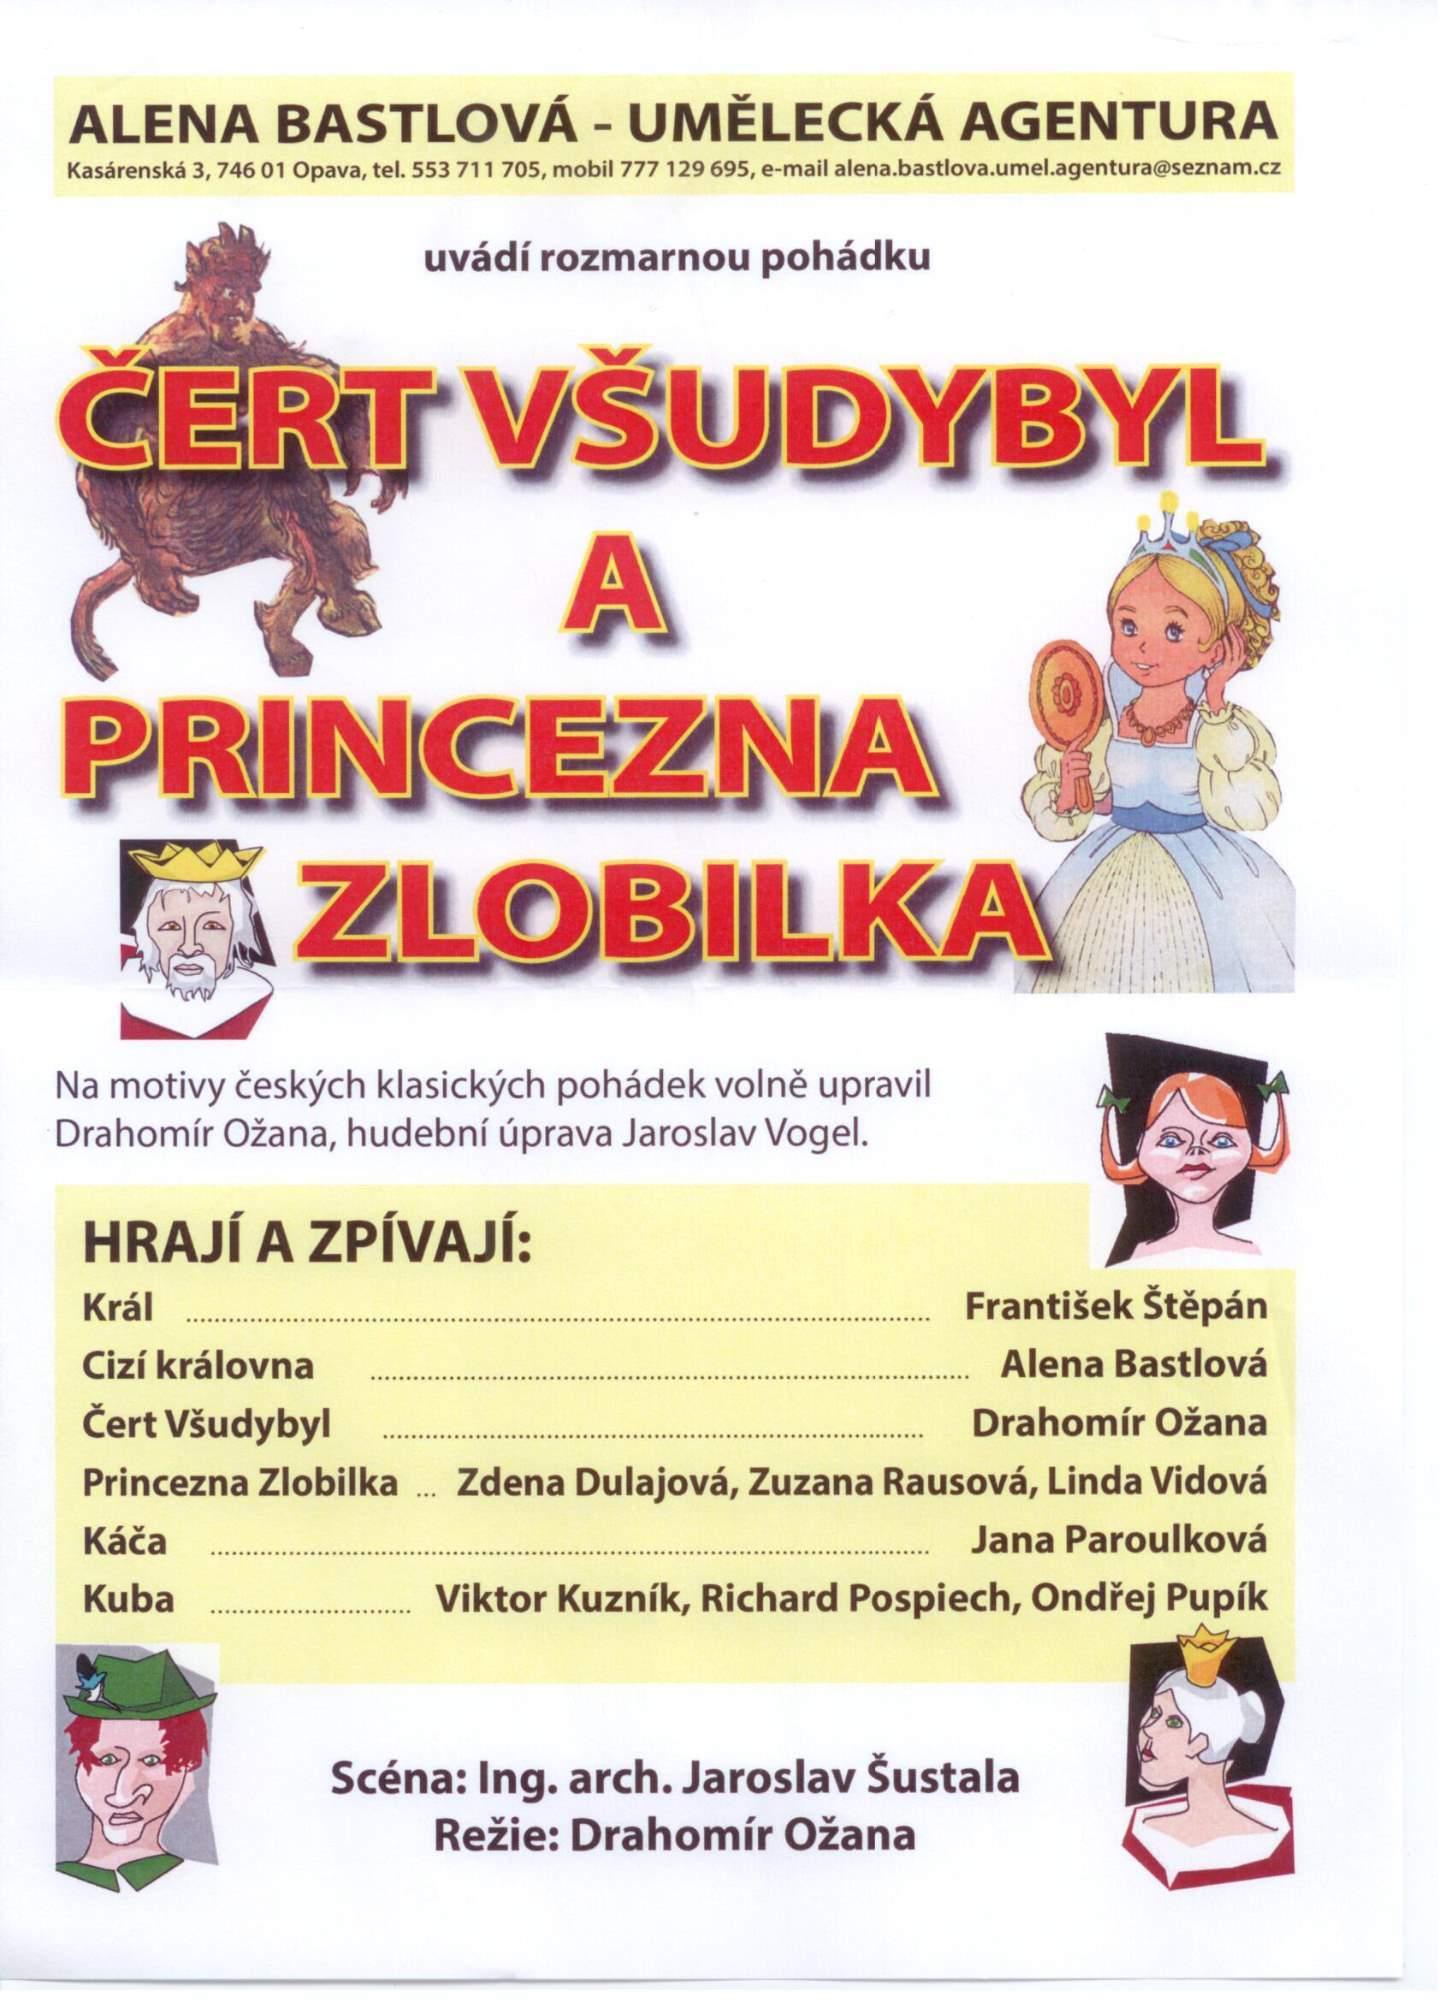 Èert V¹udybyl a princezna Zlobilka